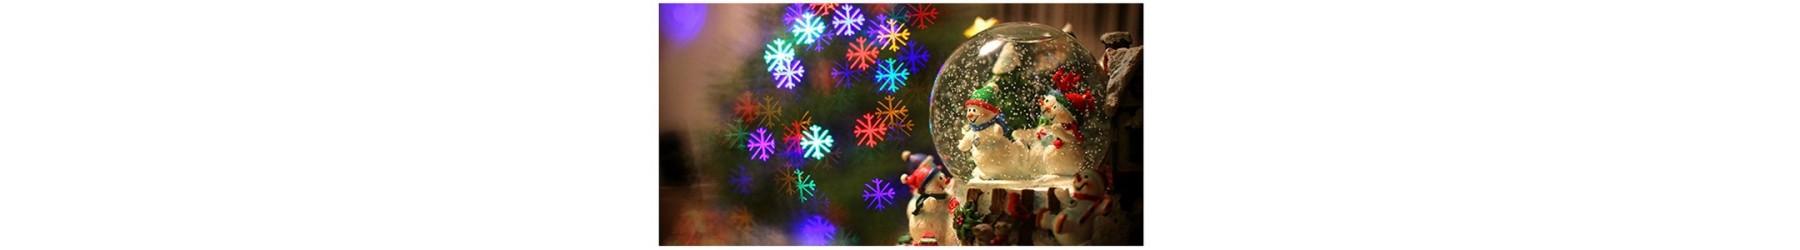 Χριστουγεννιάτικες χιονόμπαλες σε πολλά σχέδια με μουσική και κίνηση